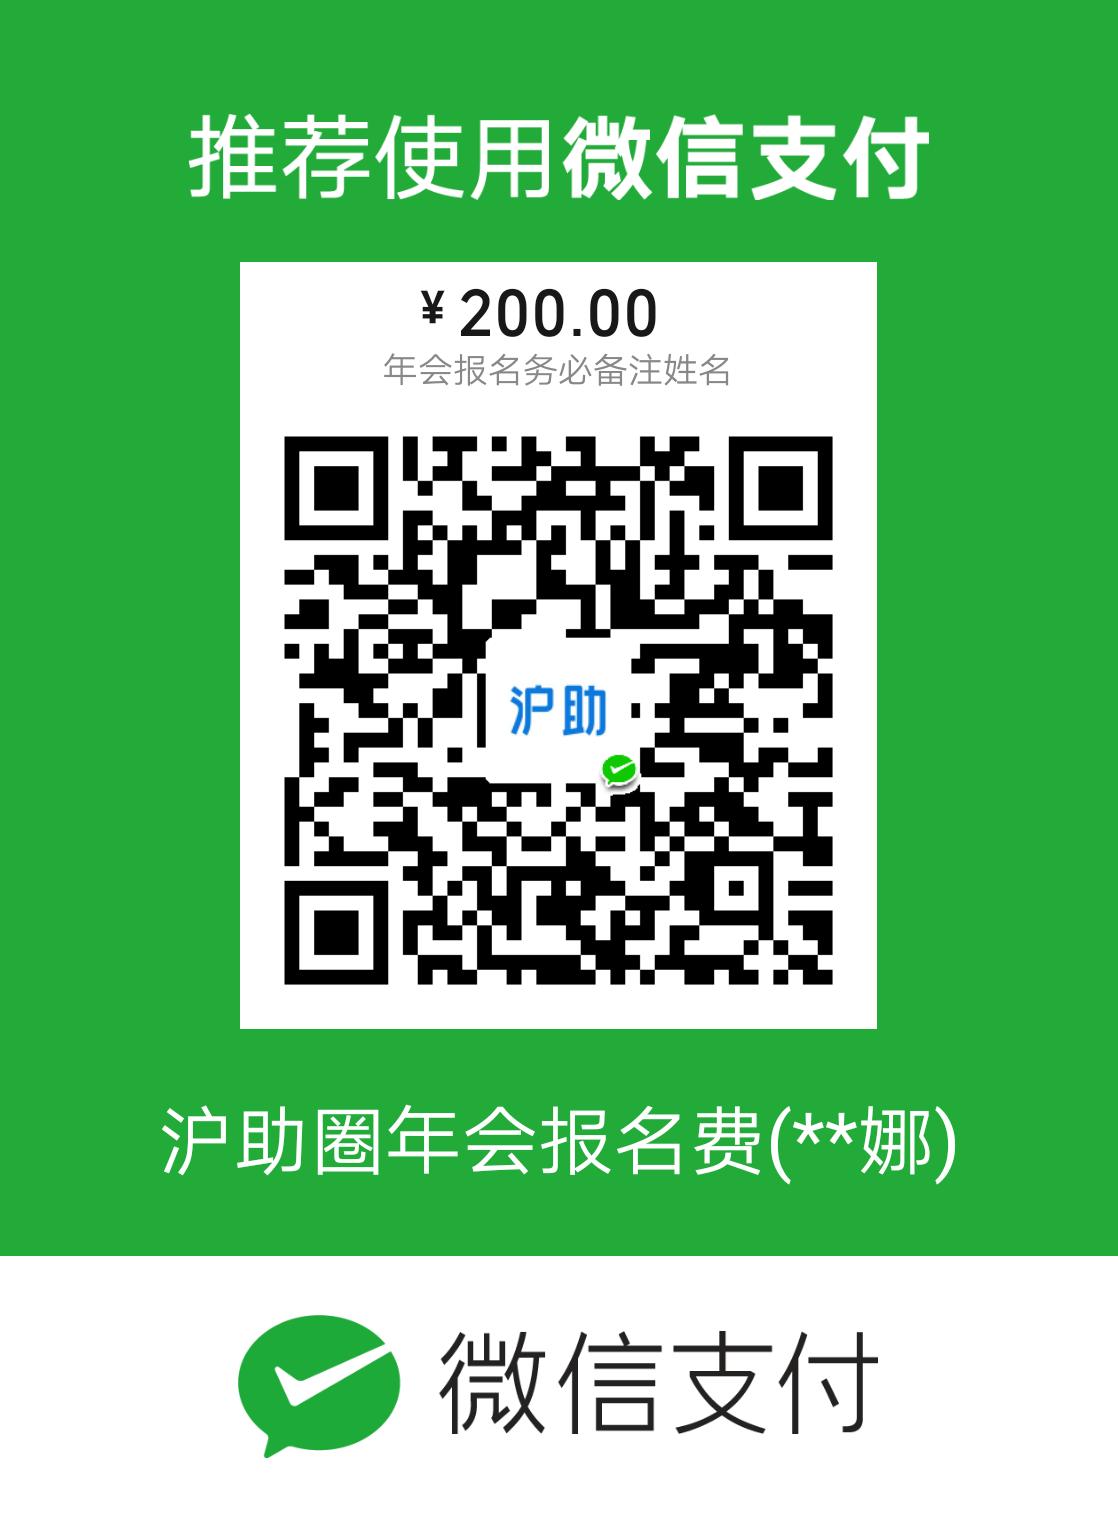 微信付款码-逯娜娜.png